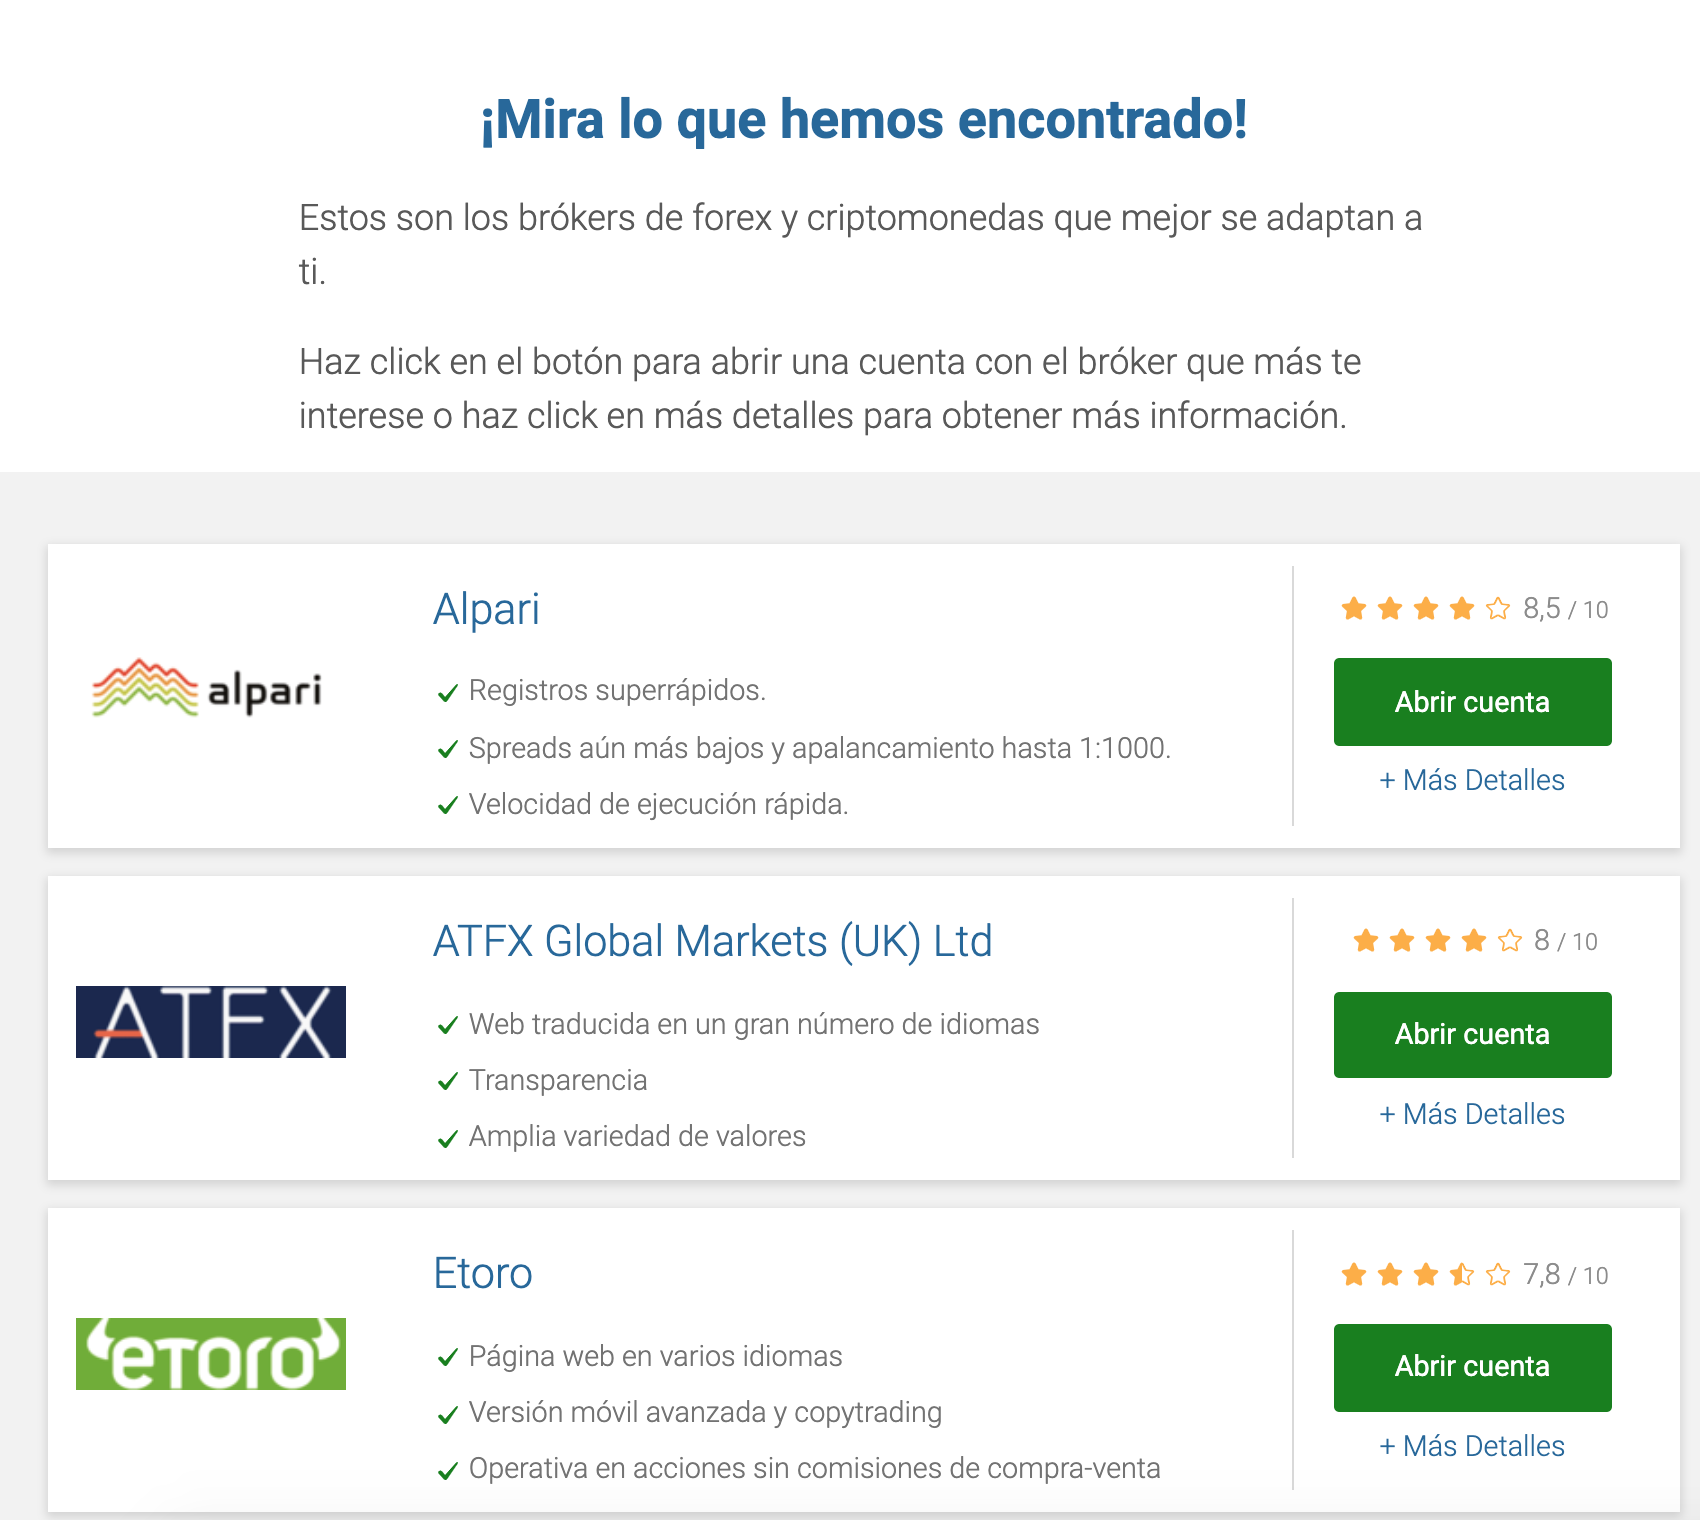 Mejores brokers Colombia 2019: Simulador de brokers